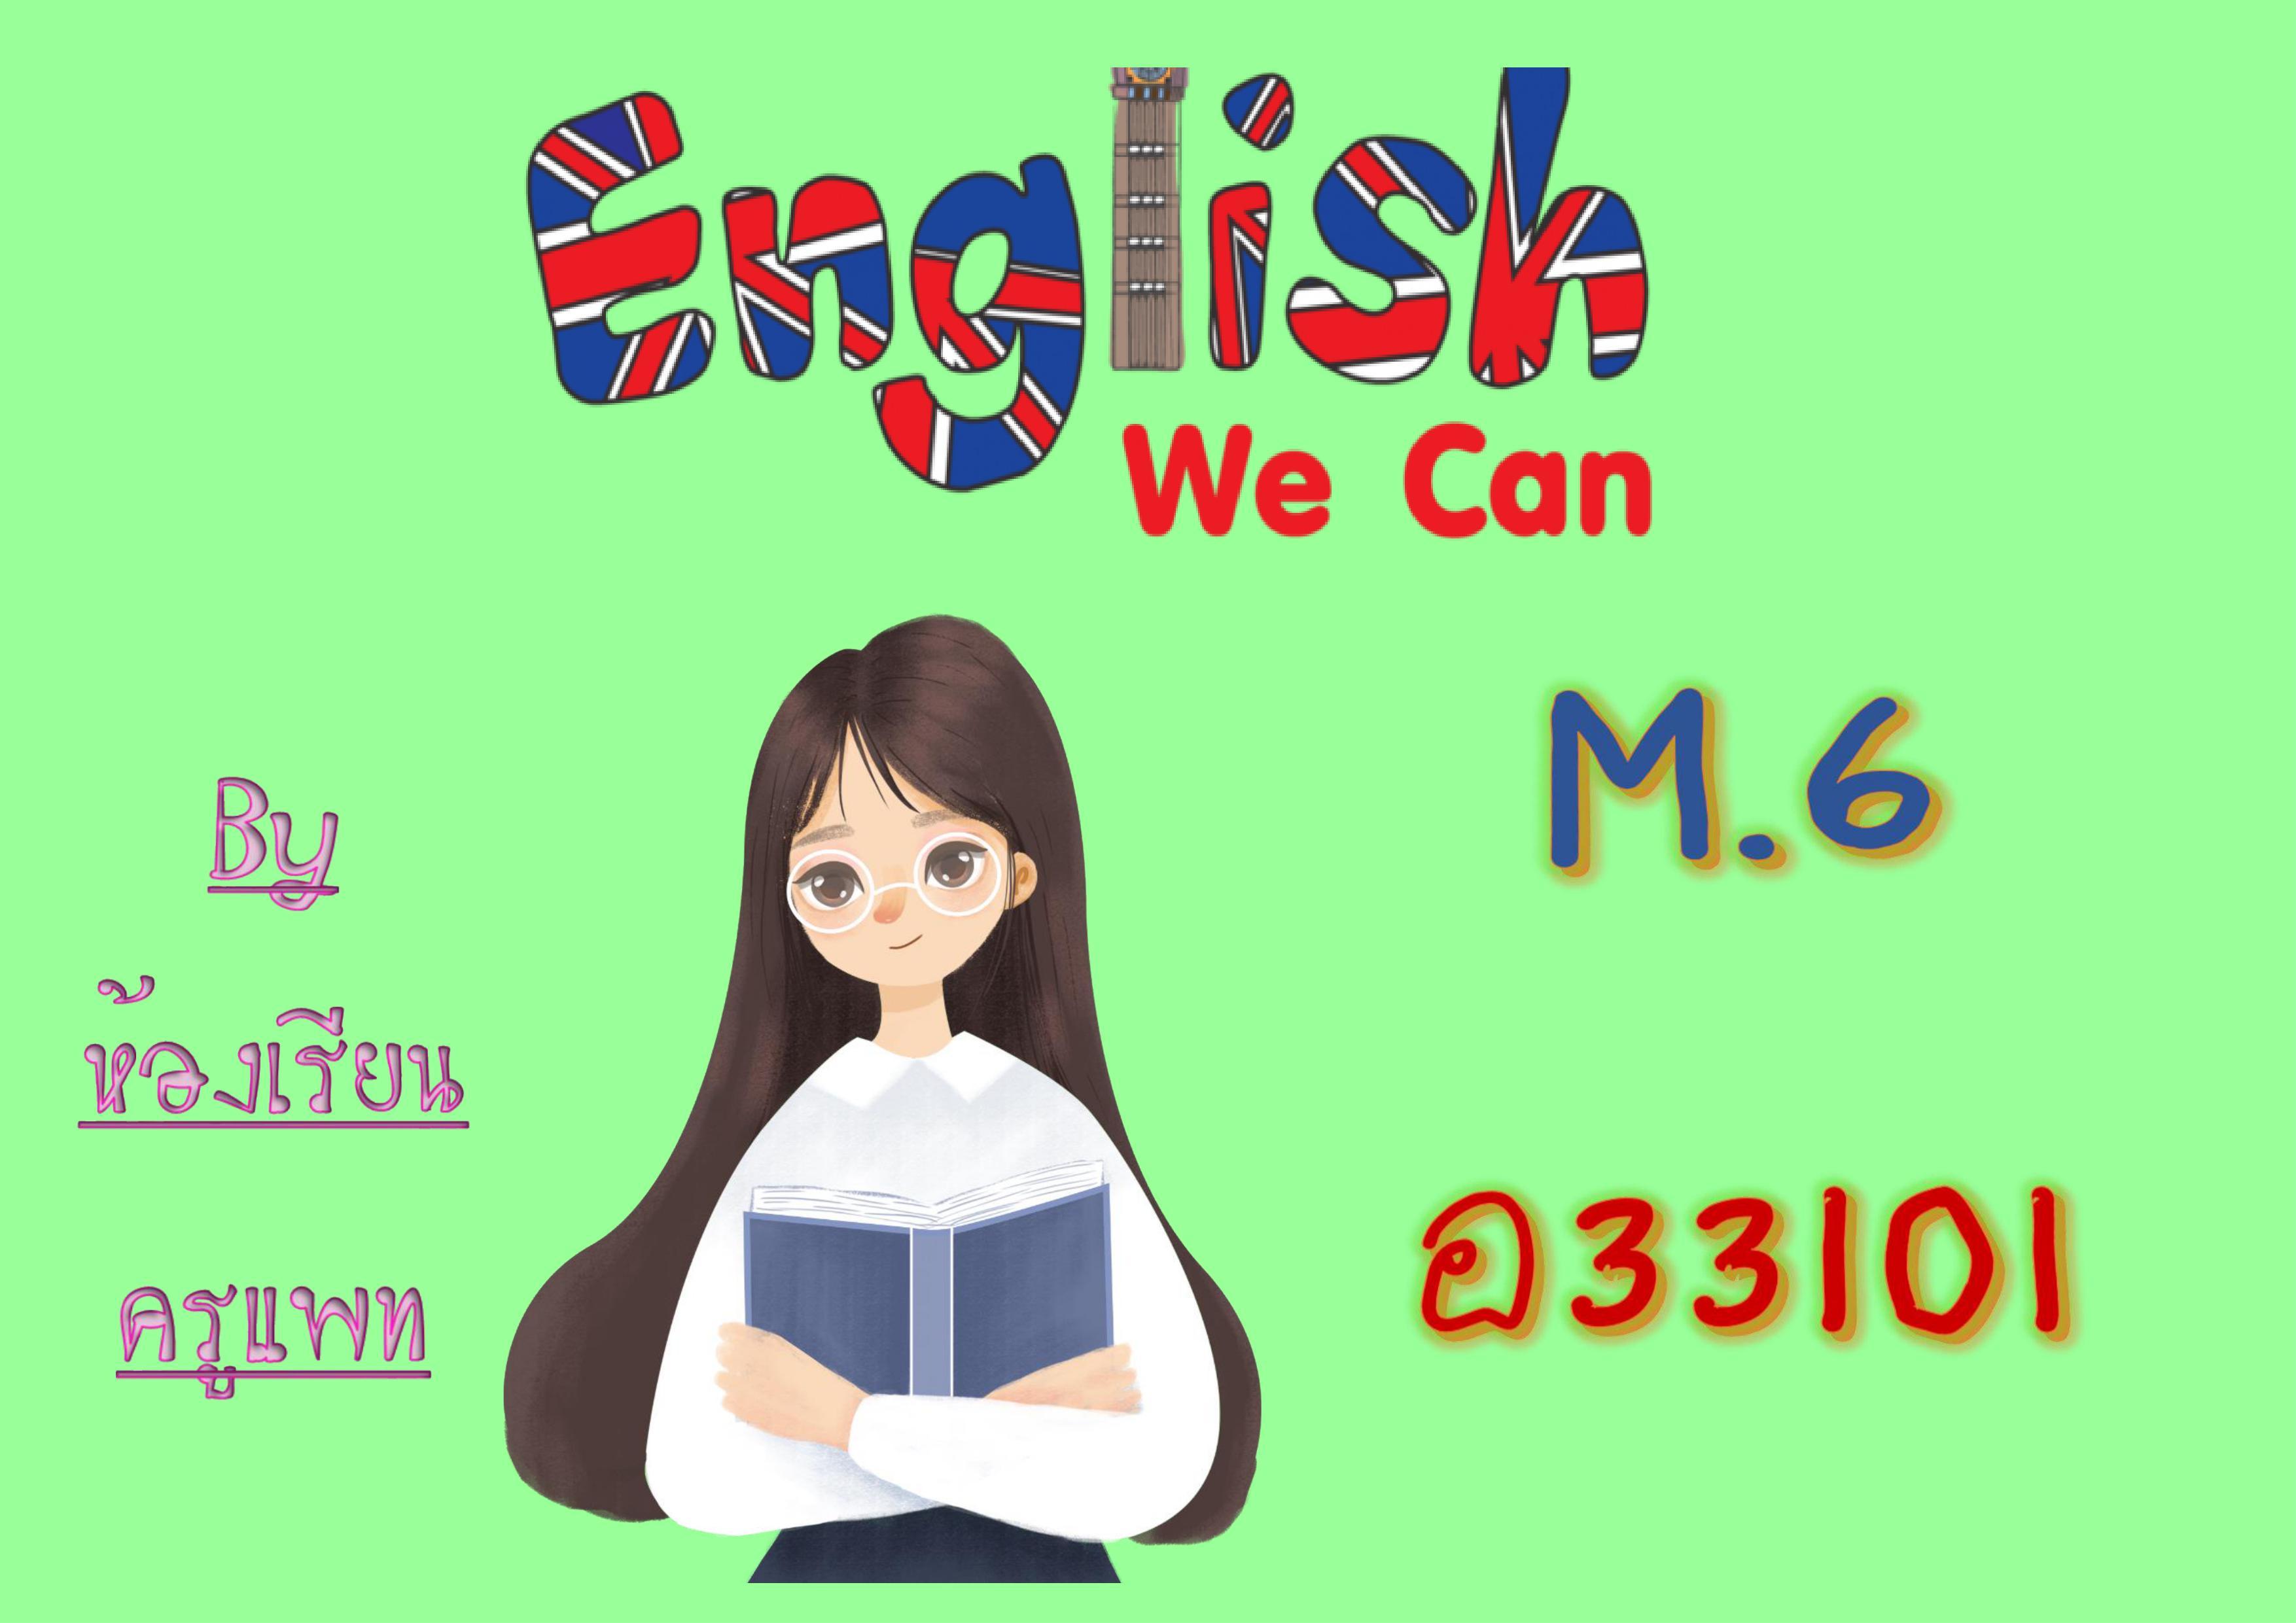 ภาษาอังกฤษพื้นฐาน ม.6 (เทอม1)